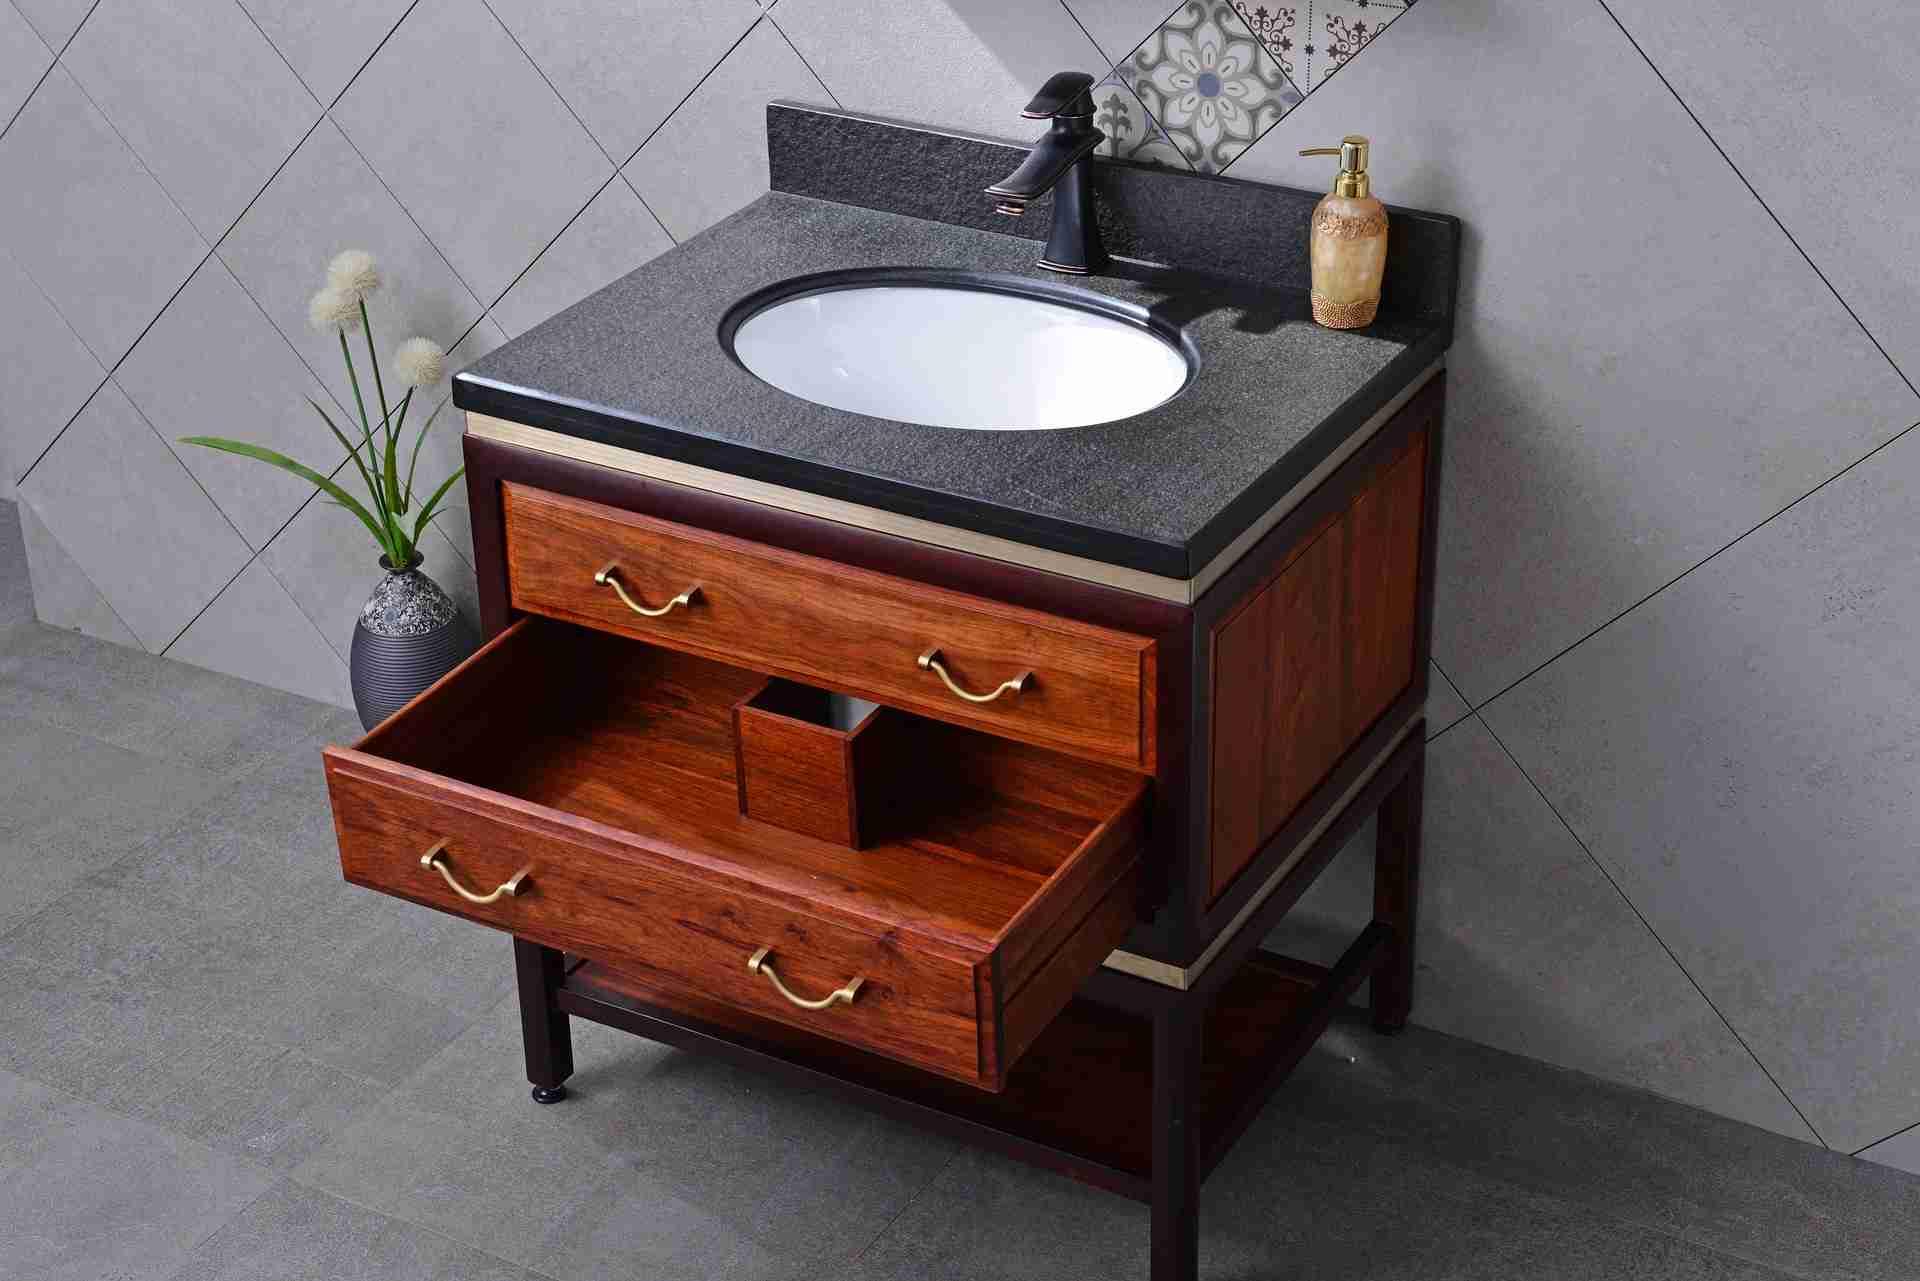 Kan steigerhout in de badkamer?